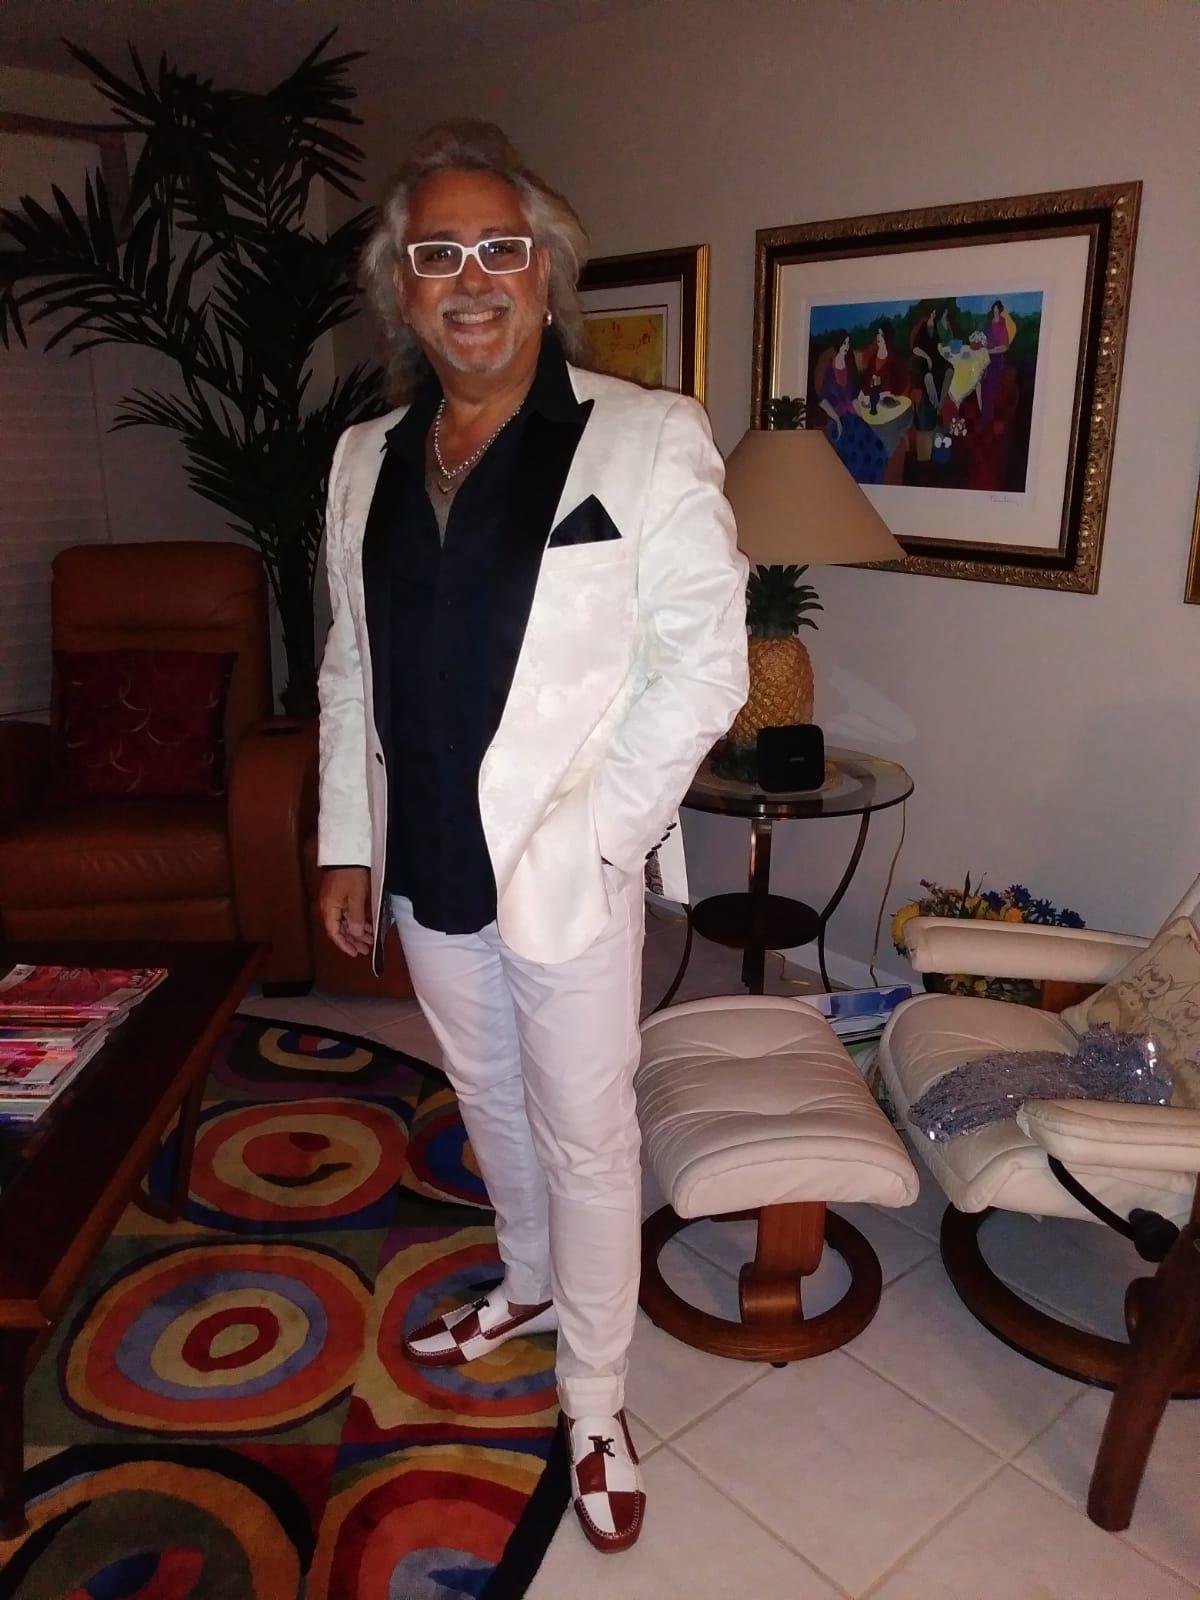 Elie Male Escort Naples Florida